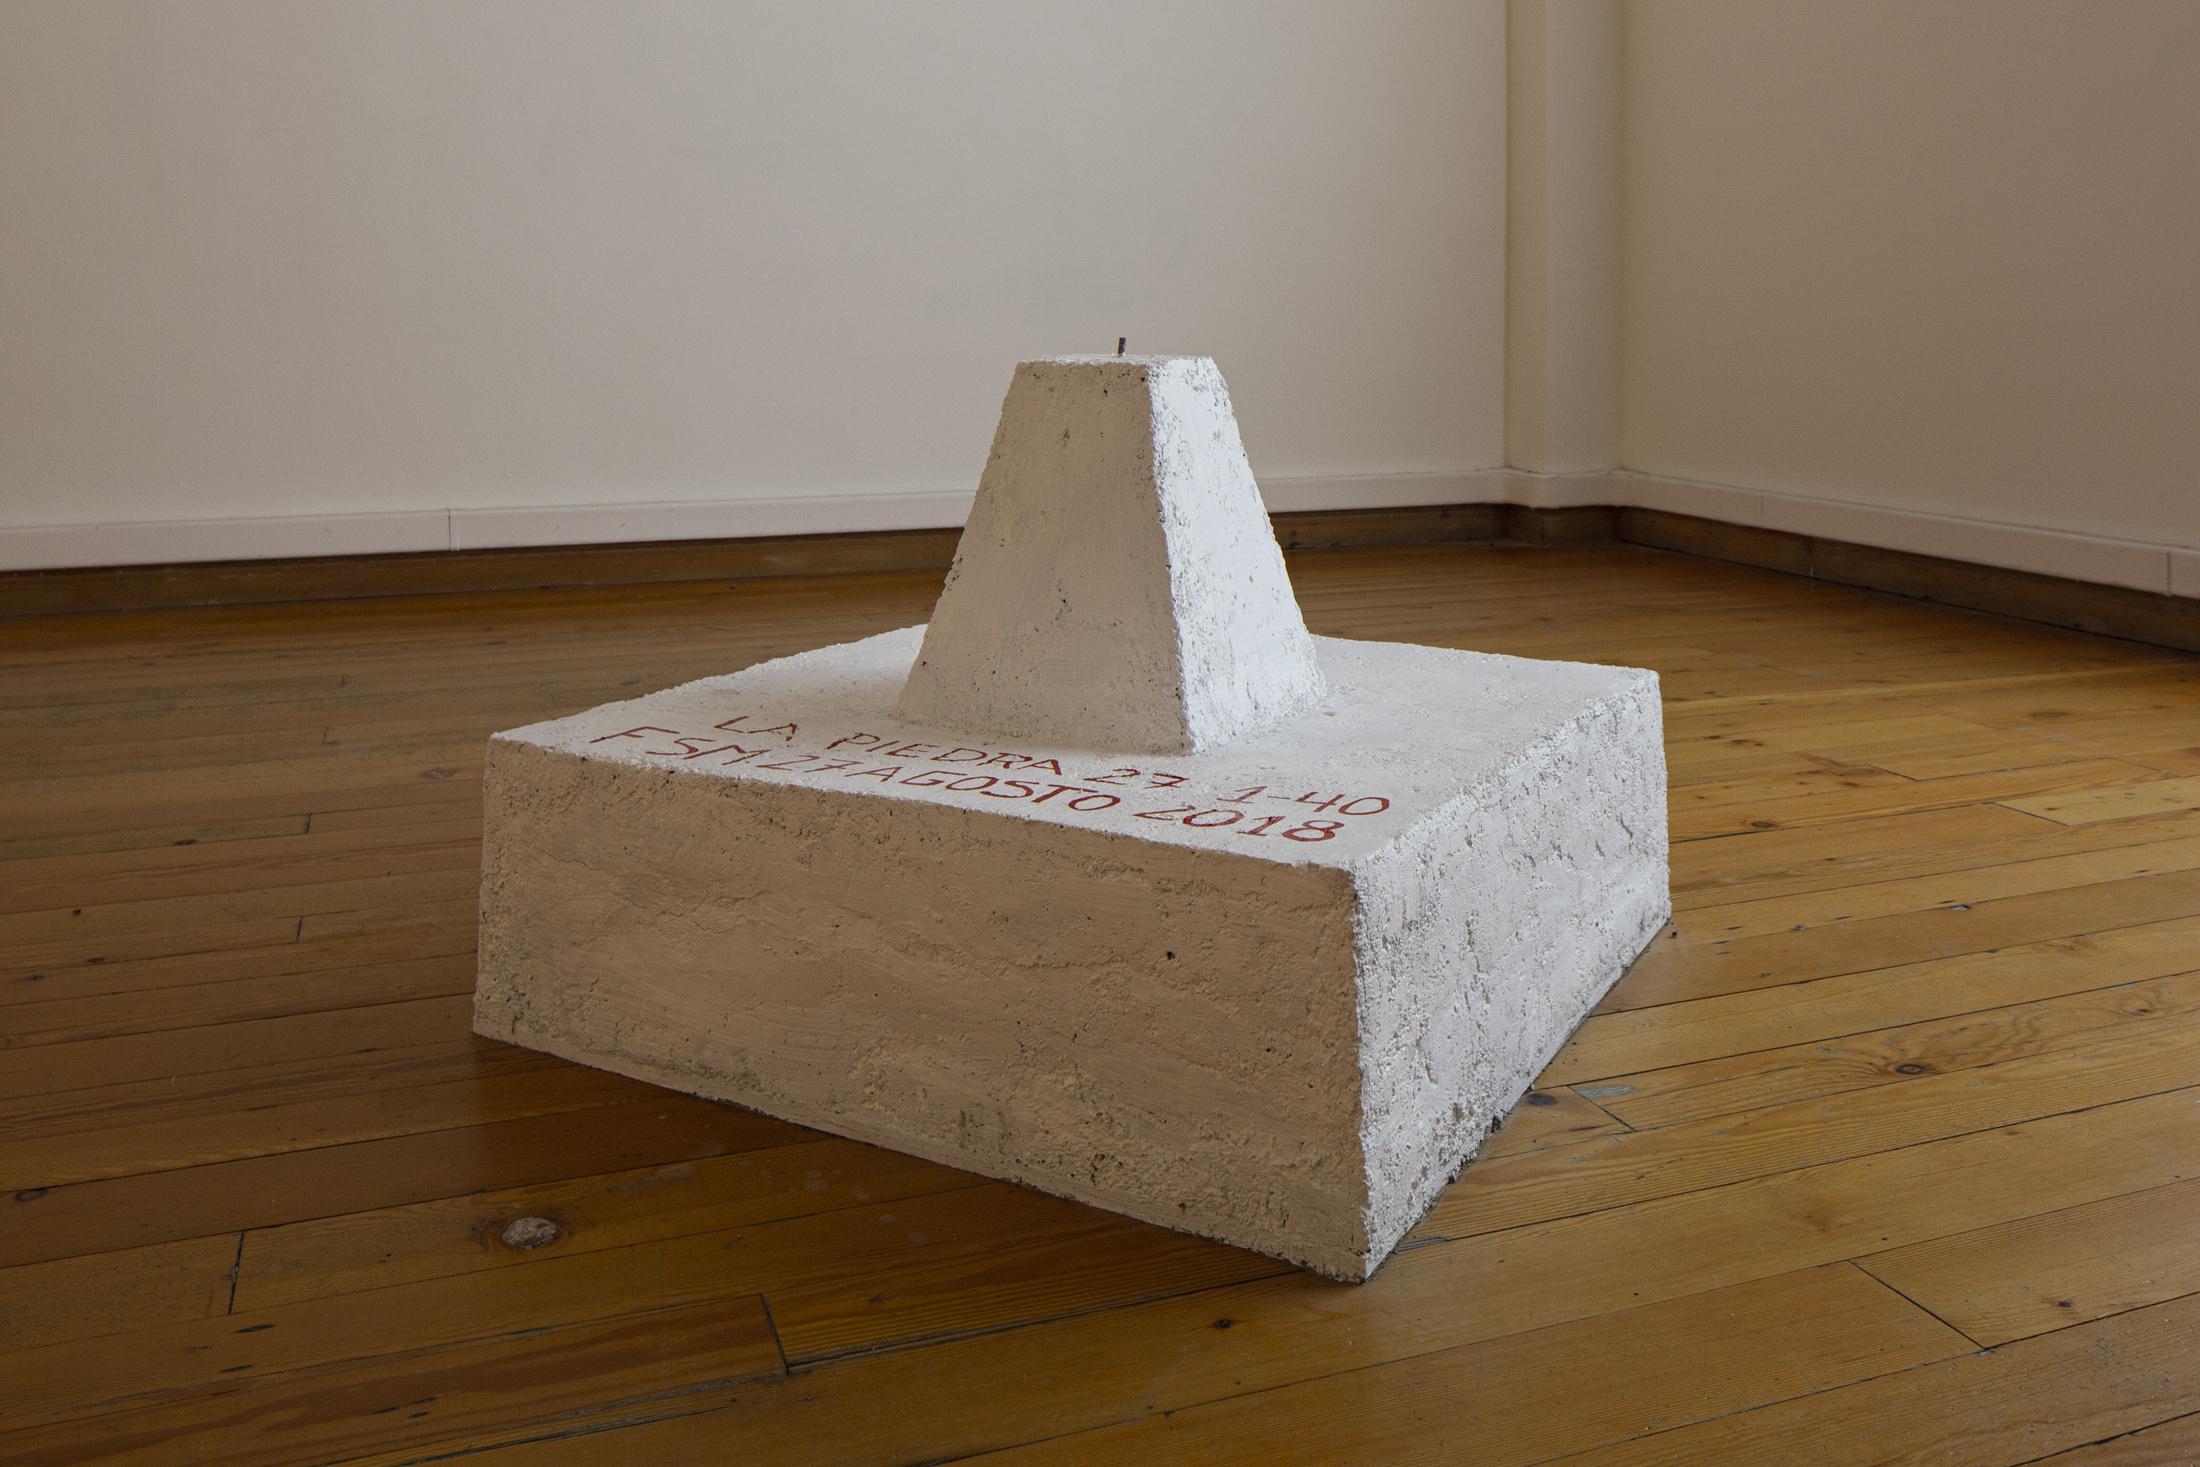 Installation view. Pedimento Minero, Bienal de Artes Mediales de Santiago, Museo de Arte Contemporaneo MAC, Santiago